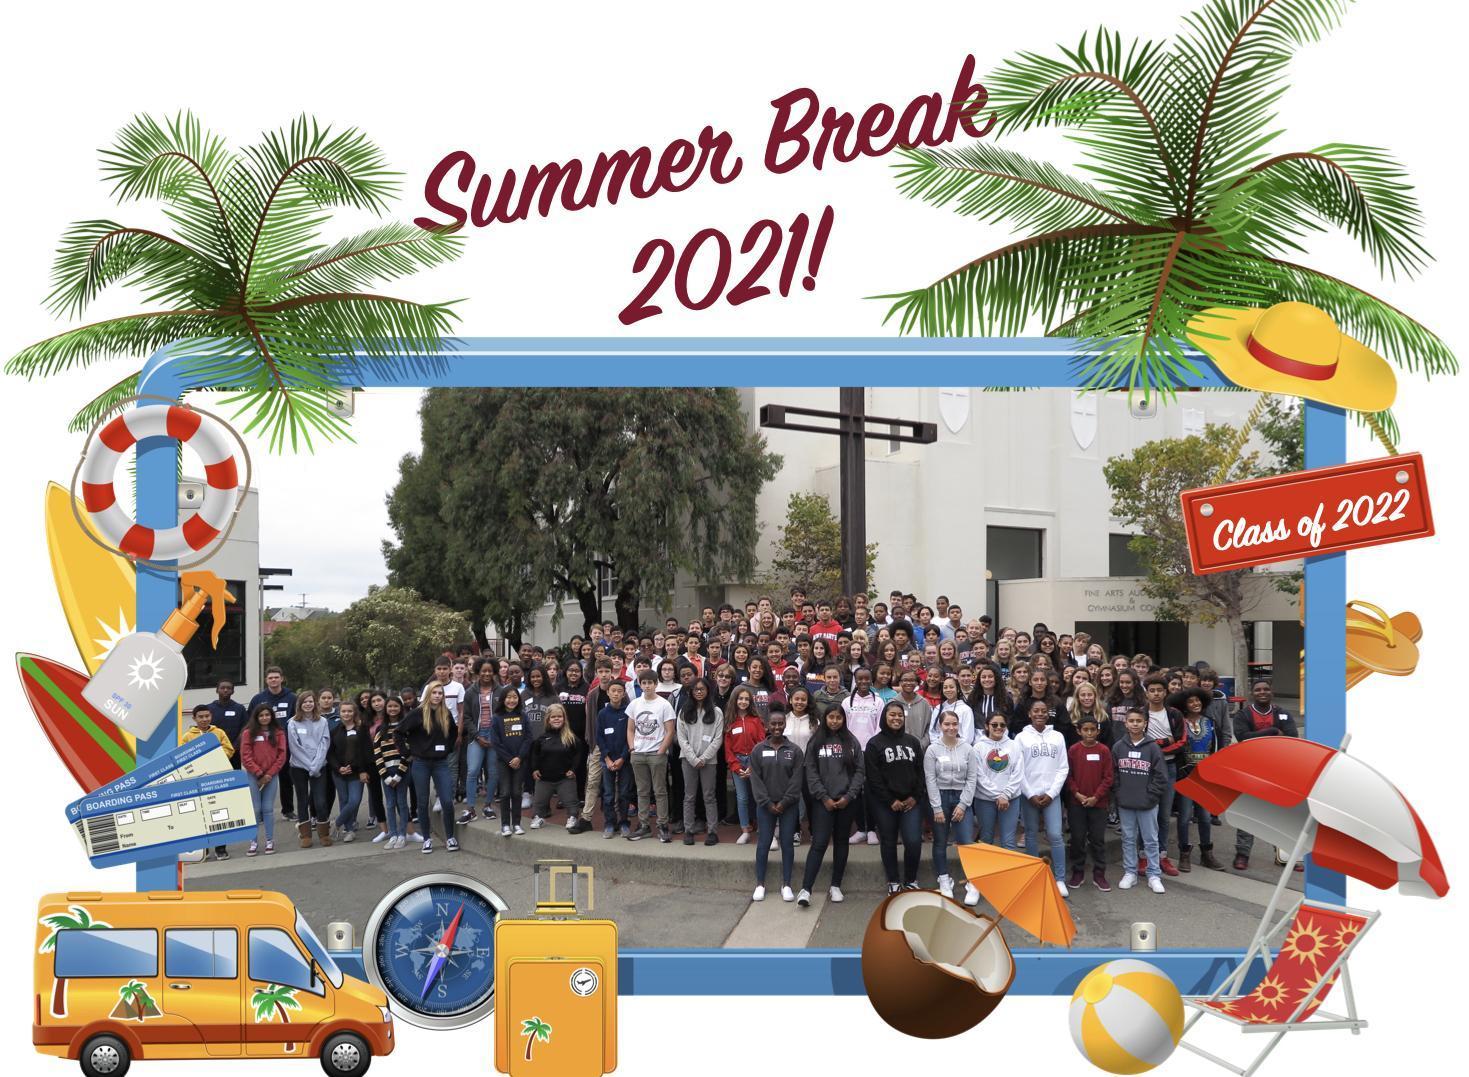 Summer Break 2021 - See you in August